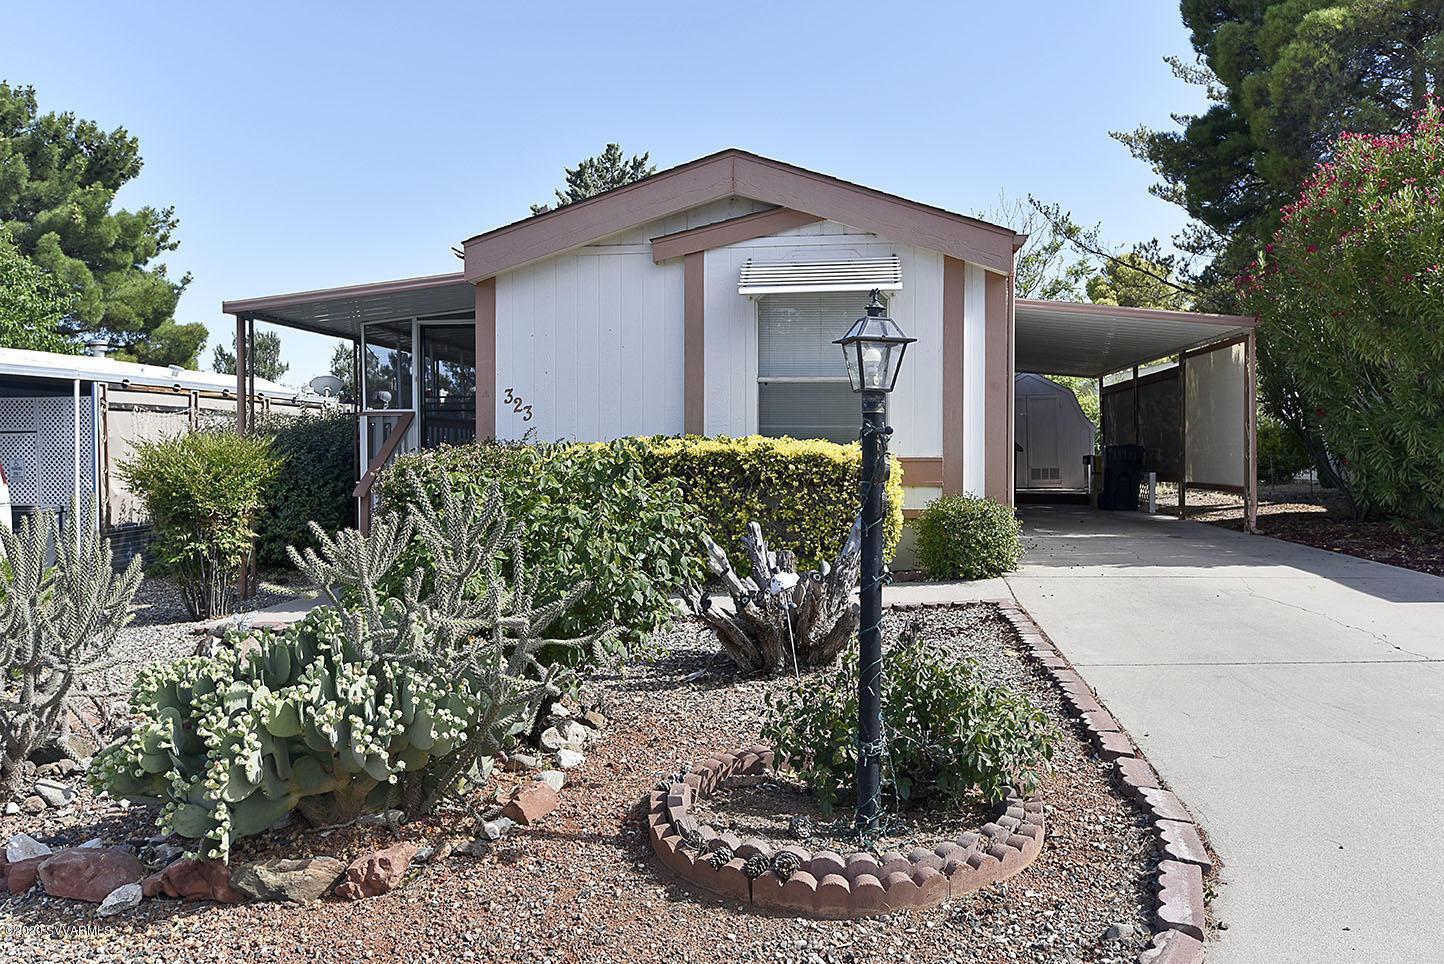 1077 Az-89a UNIT 323 Clarkdale, AZ 86324